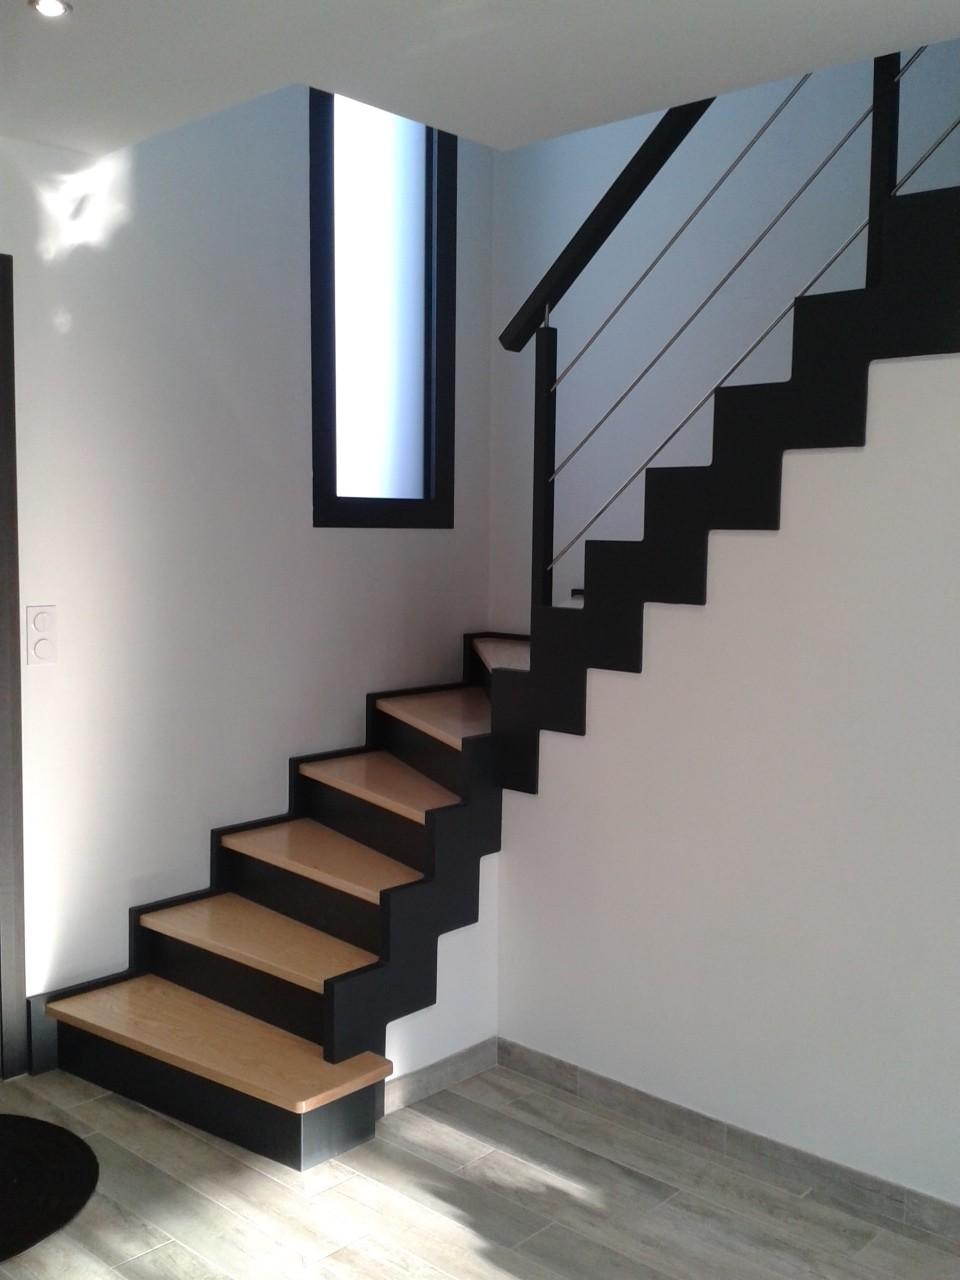 coups de coeur decouvrez nos coups de coeur derni res realisations d 39 escaliers. Black Bedroom Furniture Sets. Home Design Ideas